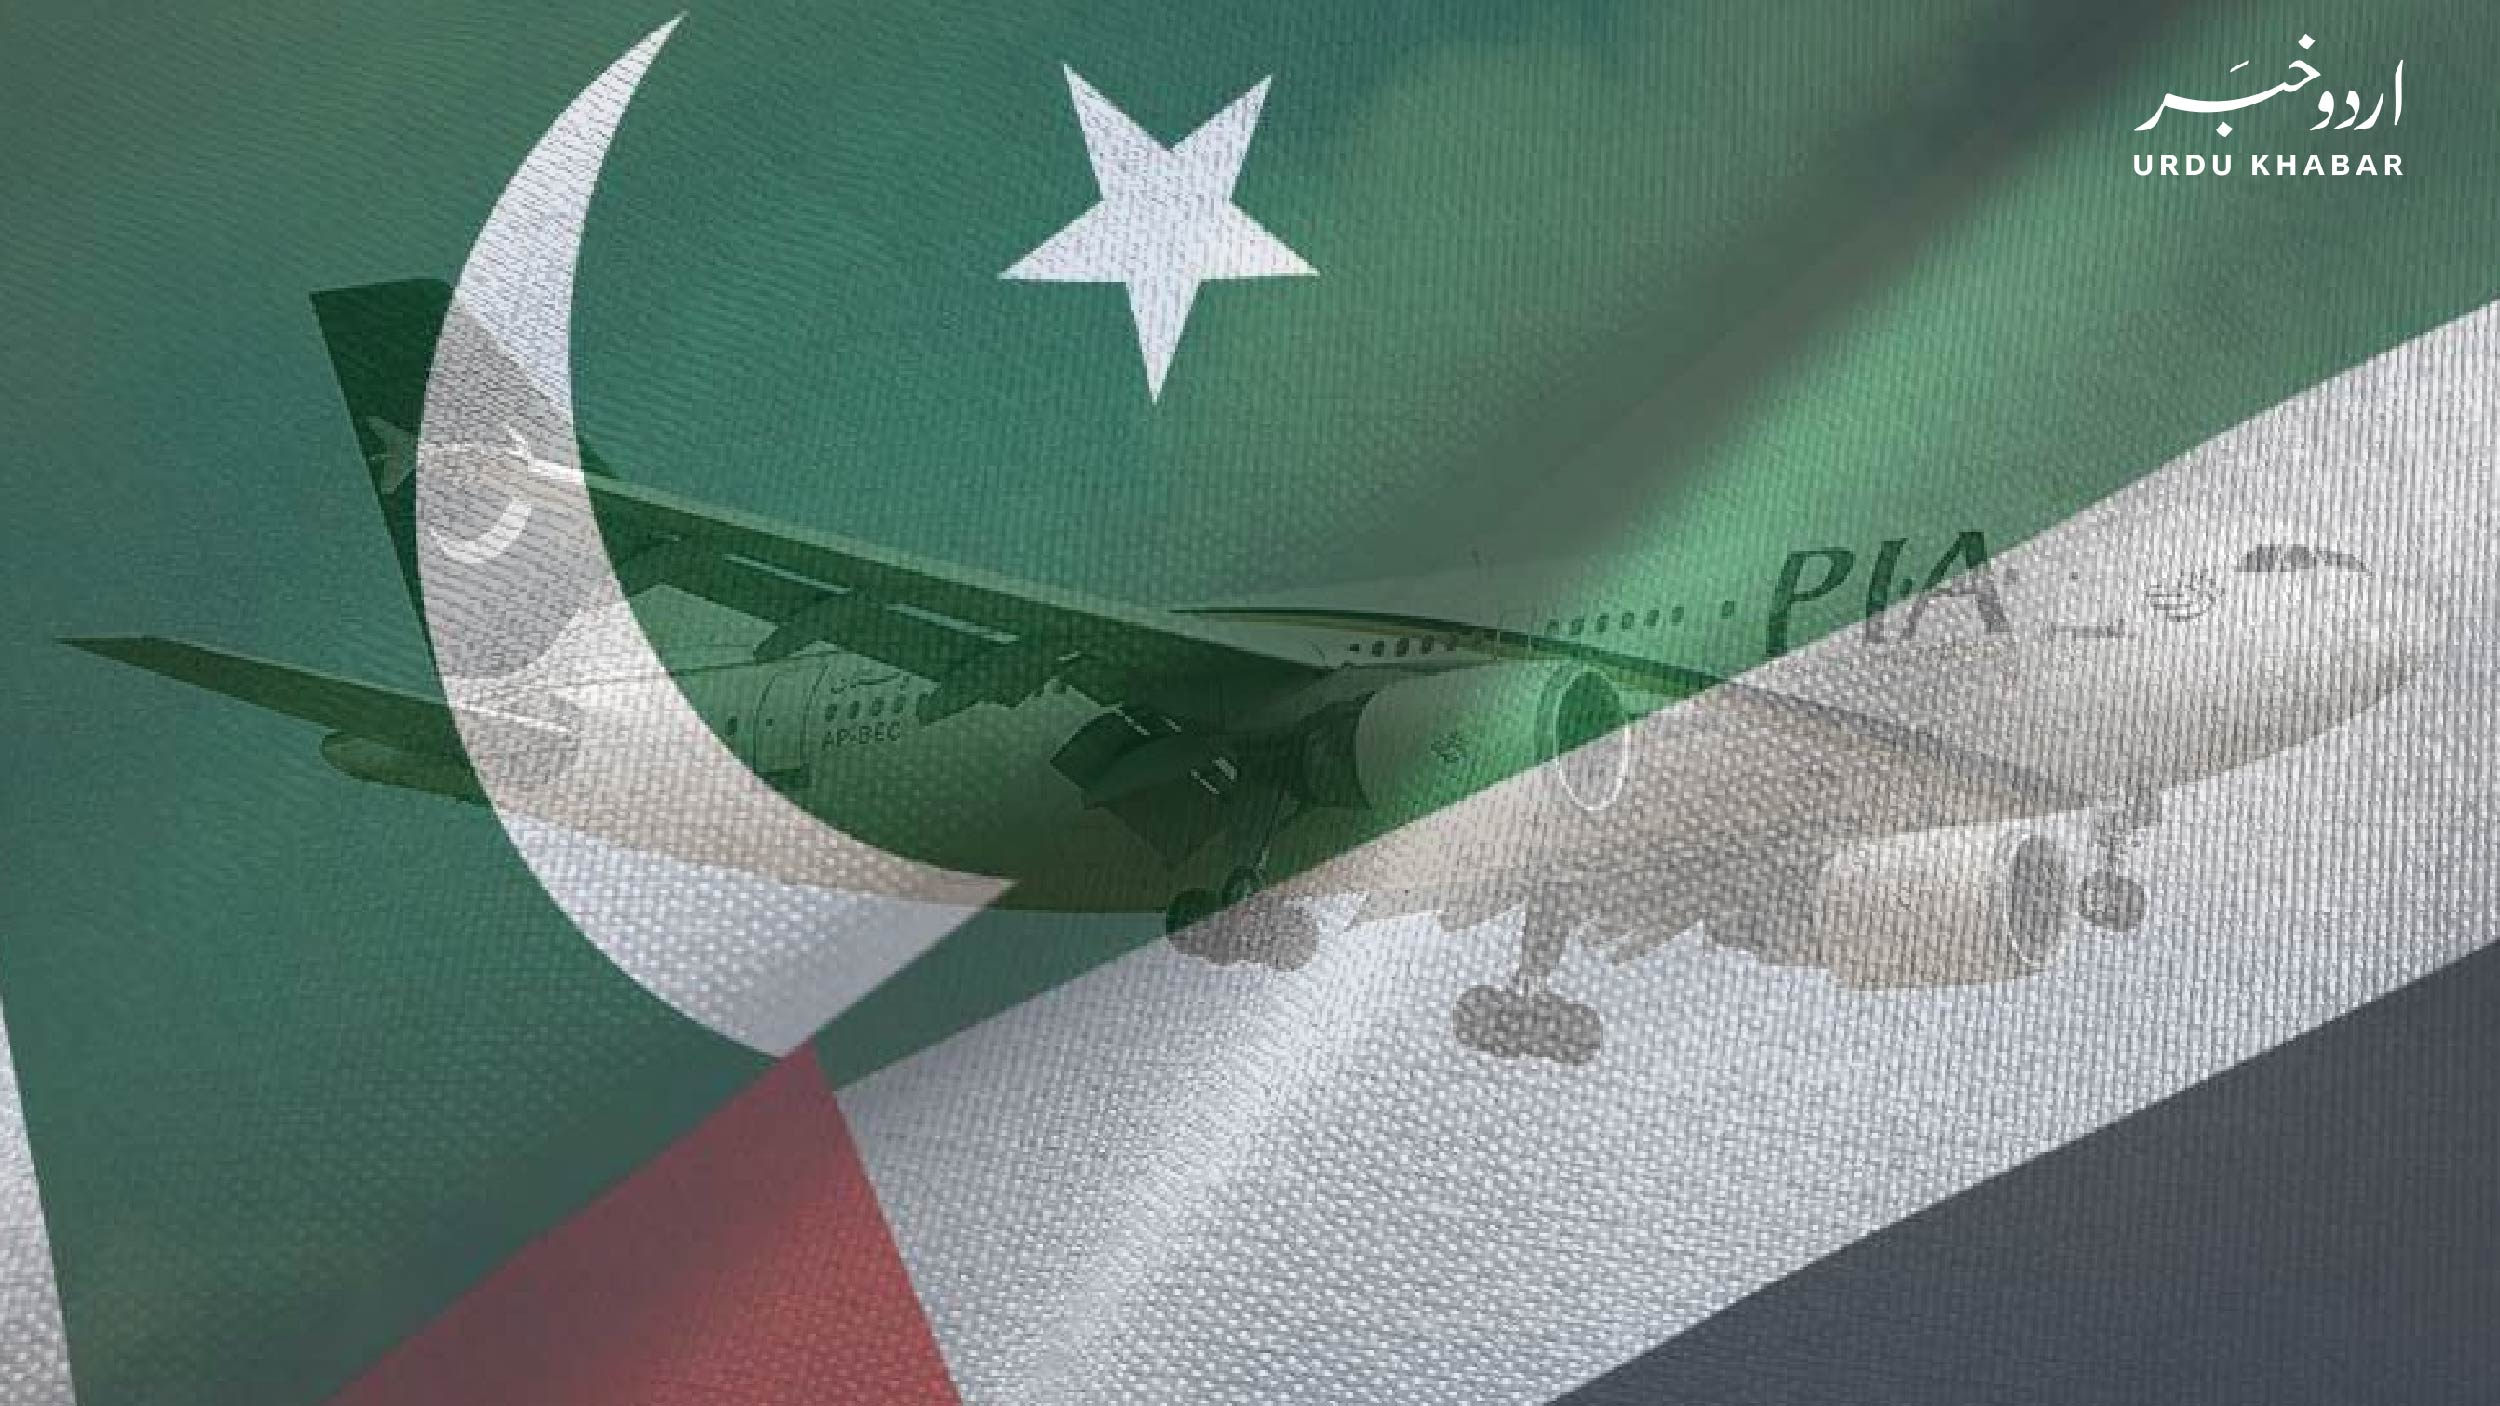 کوویڈ19 کی وجہ سے امارات کا پاکستان سمیت 12 ممالک کے وزٹ ویزے منسوخ کرنے کا اعلان